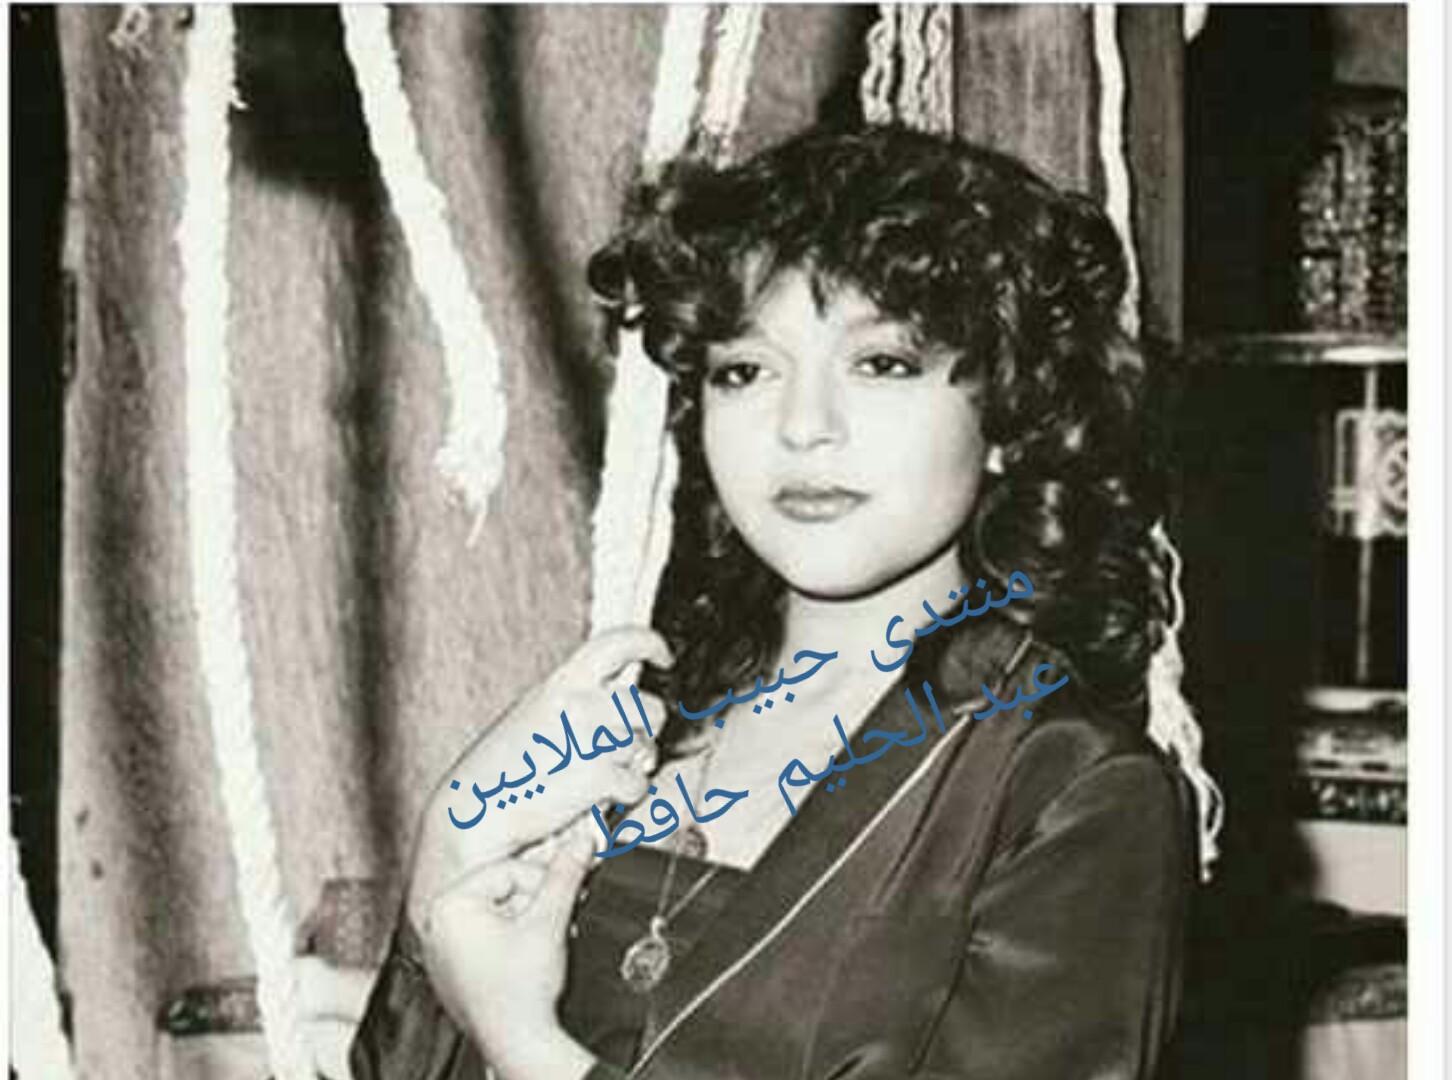 صورة نادرة للجميلة سميرة سعيد  922872077